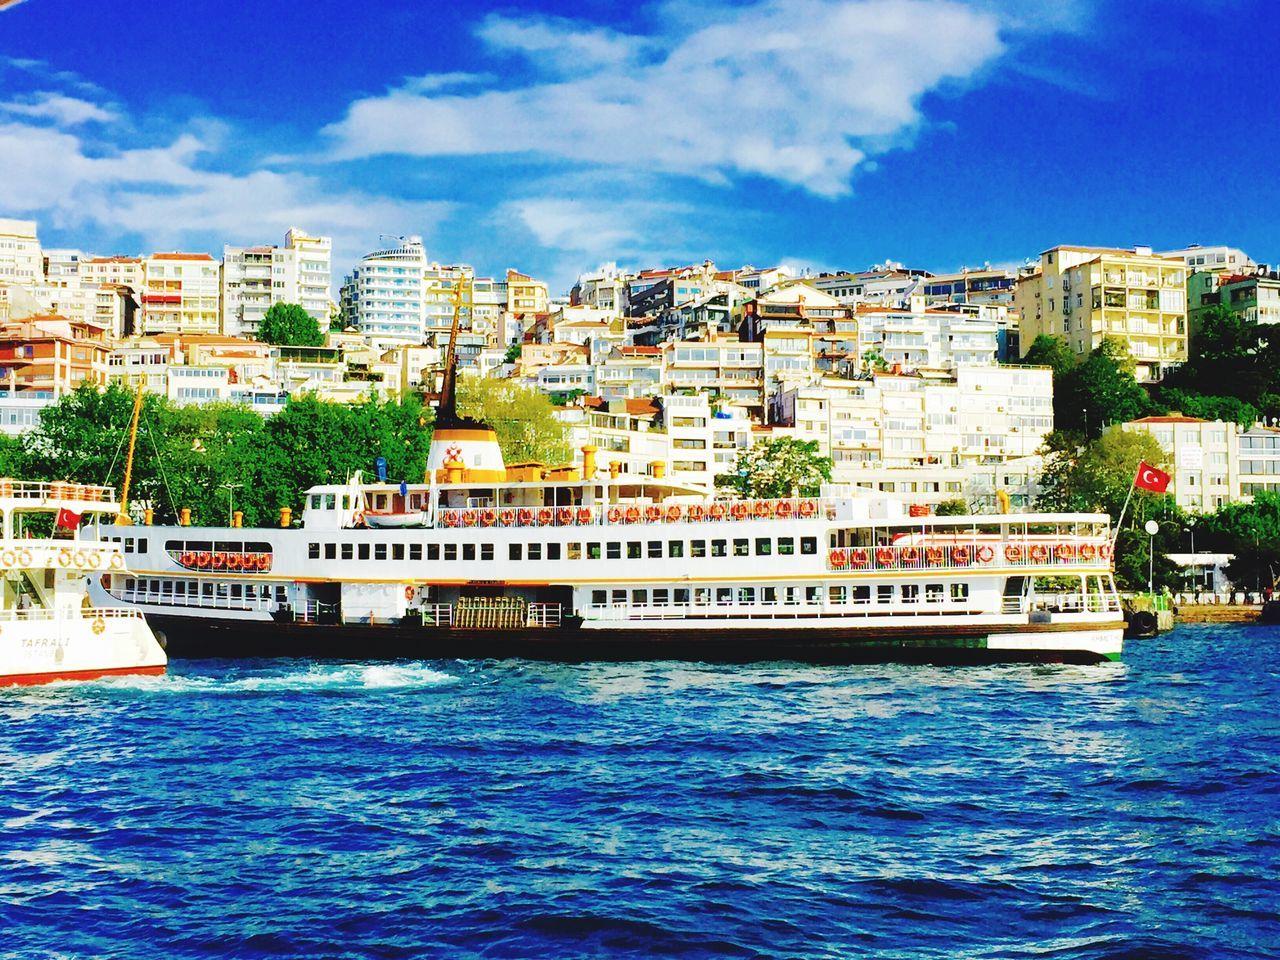 Ferryboat şehirhatlarıvapuru Sehirhatlari Vapur Kabataşvapuriskelesi Sea Mobile Photography Mobilephotography IPhoneography